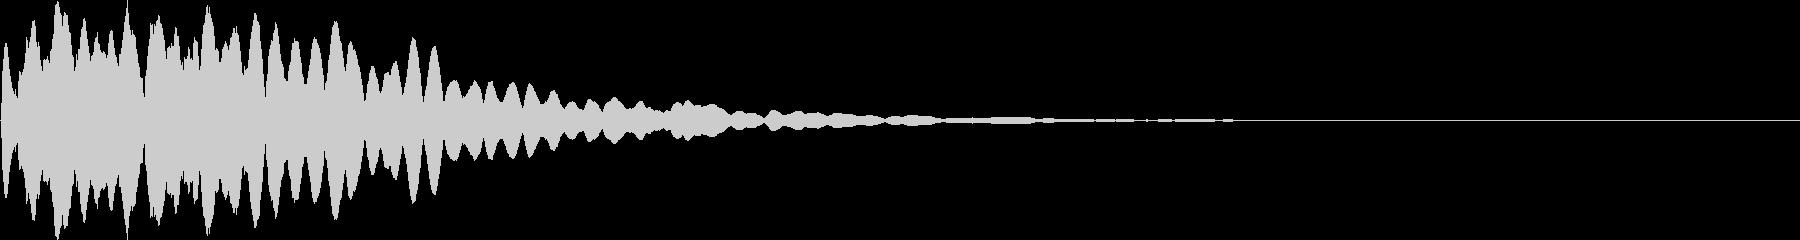 潜水艦・アクティブソナー・レーダー音の未再生の波形